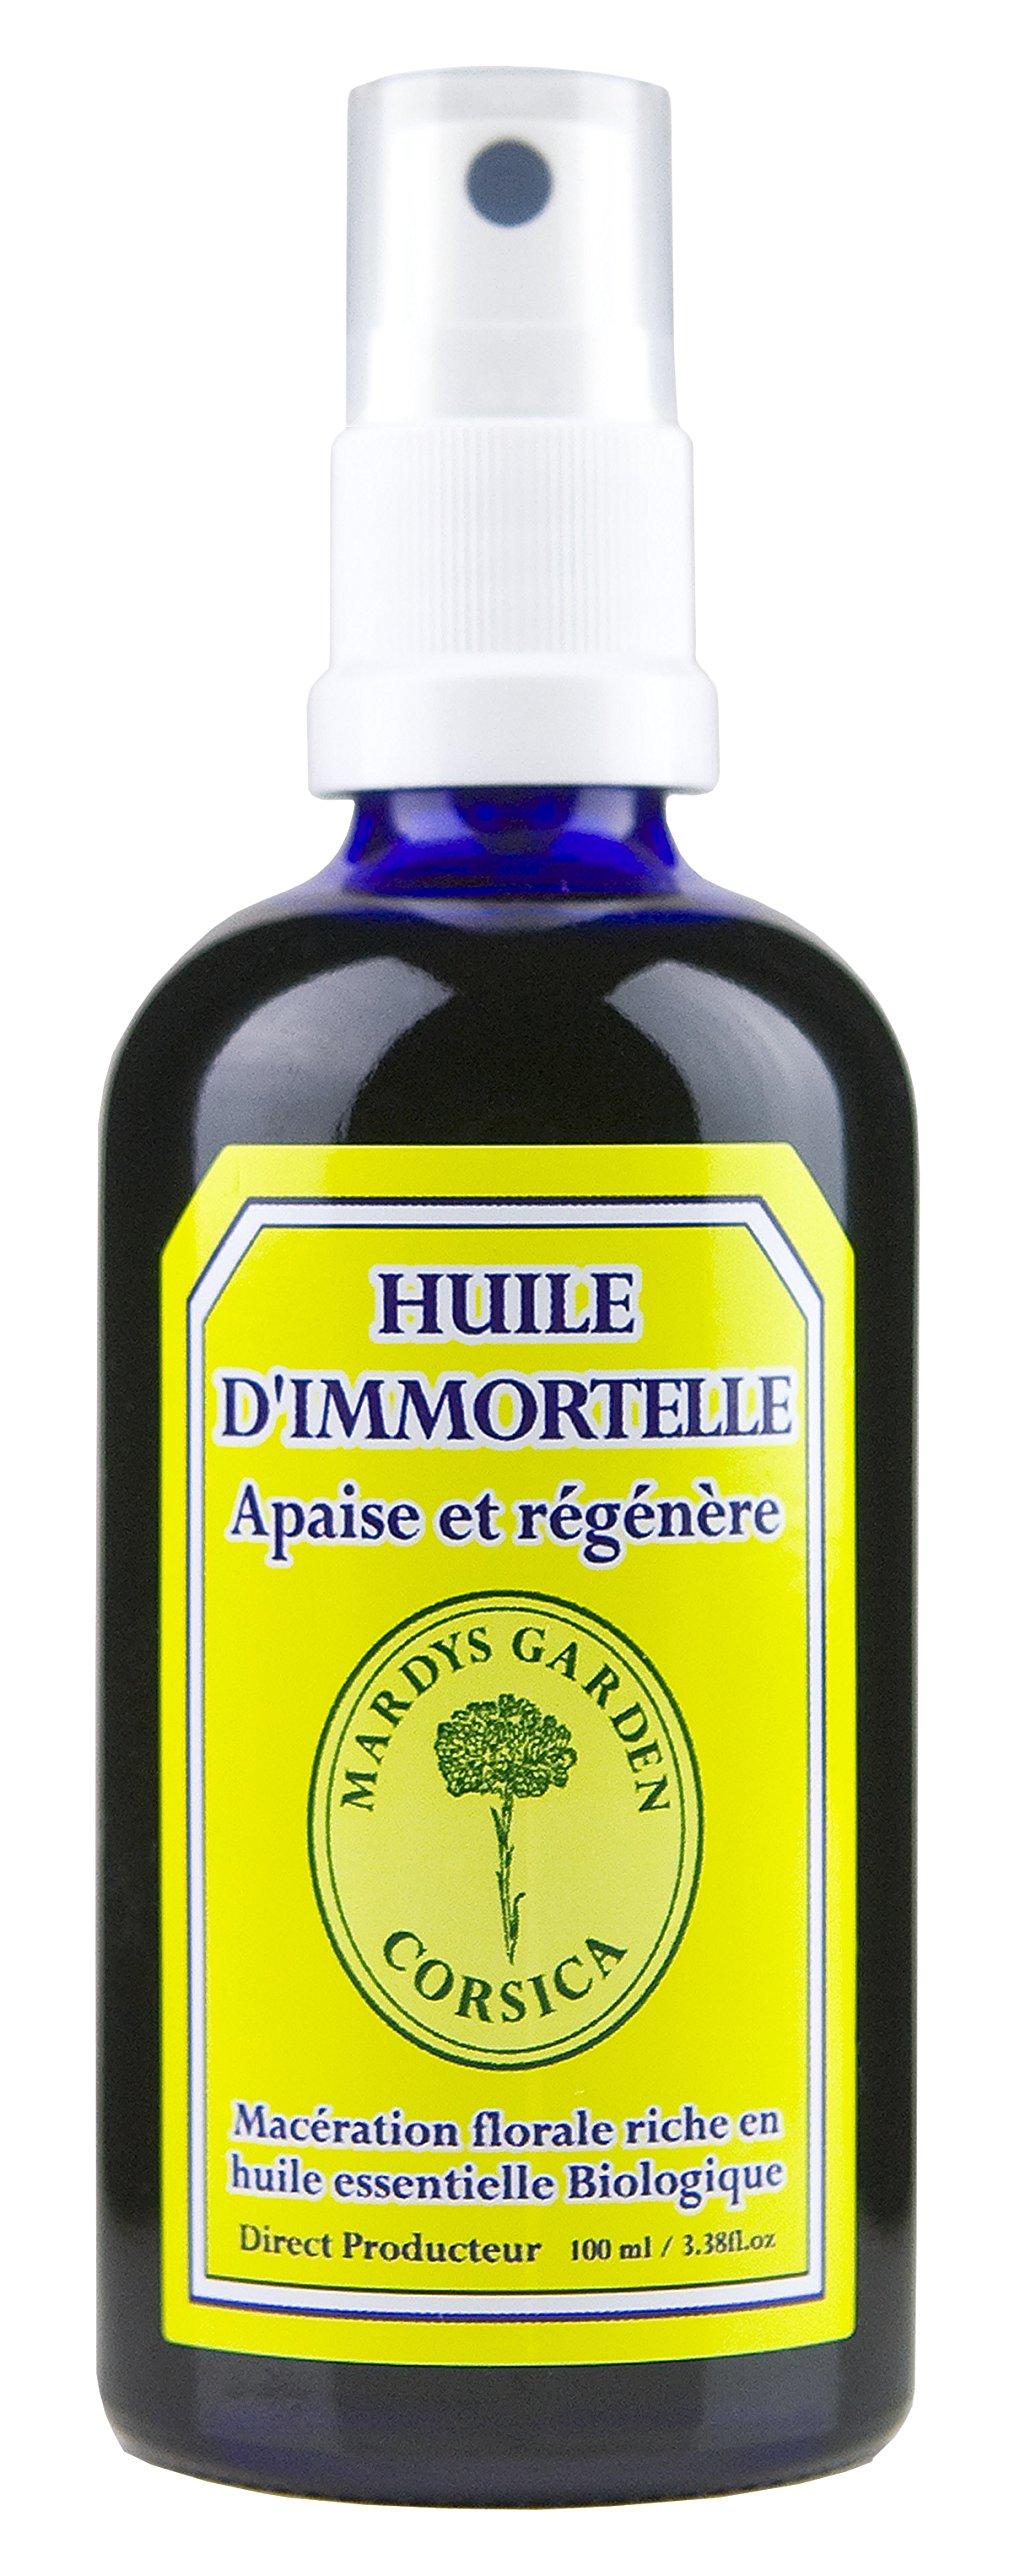 Huile d'immortelle Corse 100ml. Prête à l'emploi, macérât de fleurs riche en huile essentielle d'immortelle Bio. product image